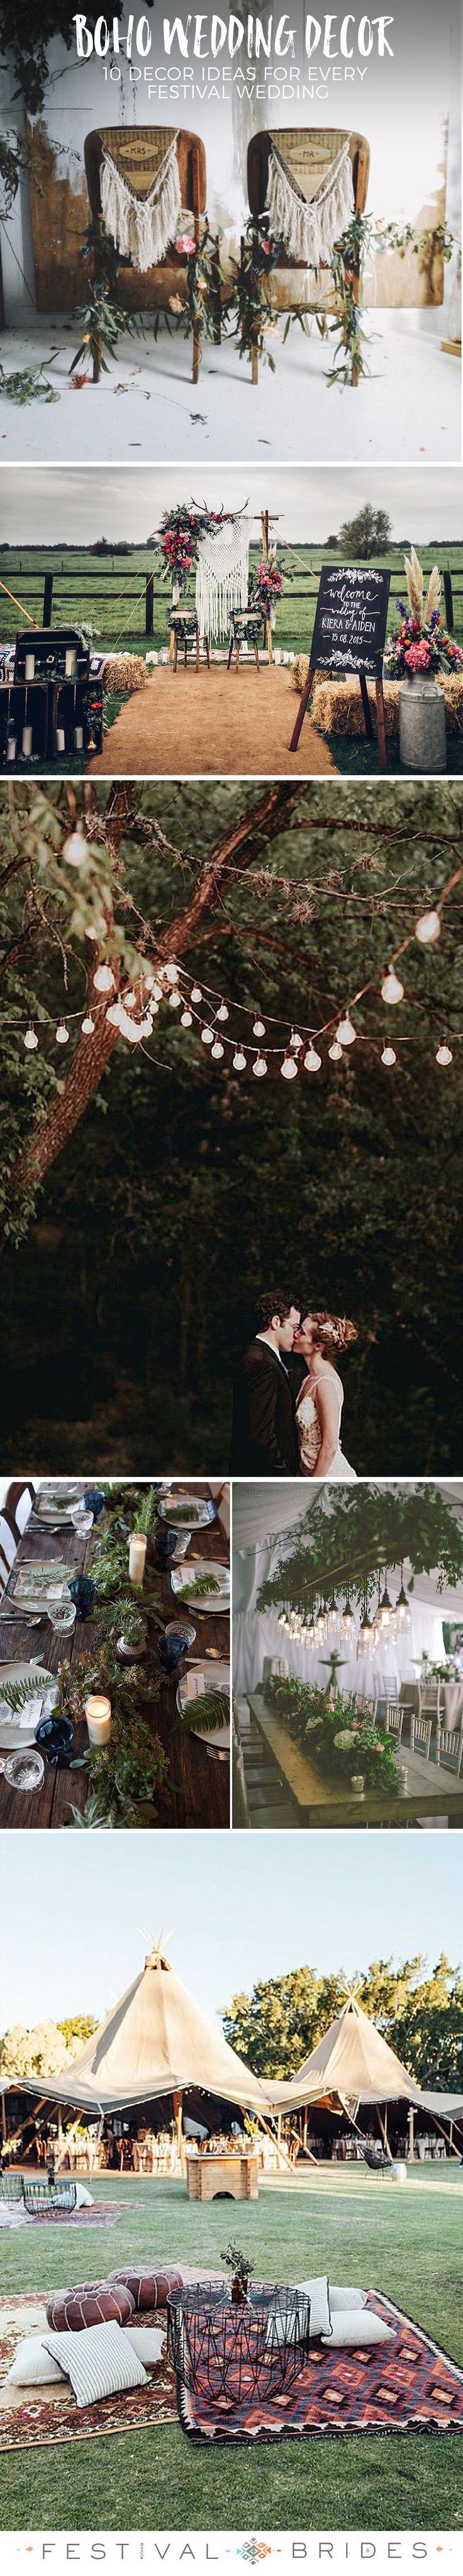 FESTIVAL BRIDES | 10 Boho Decor Details Every Festival Wedding Needs